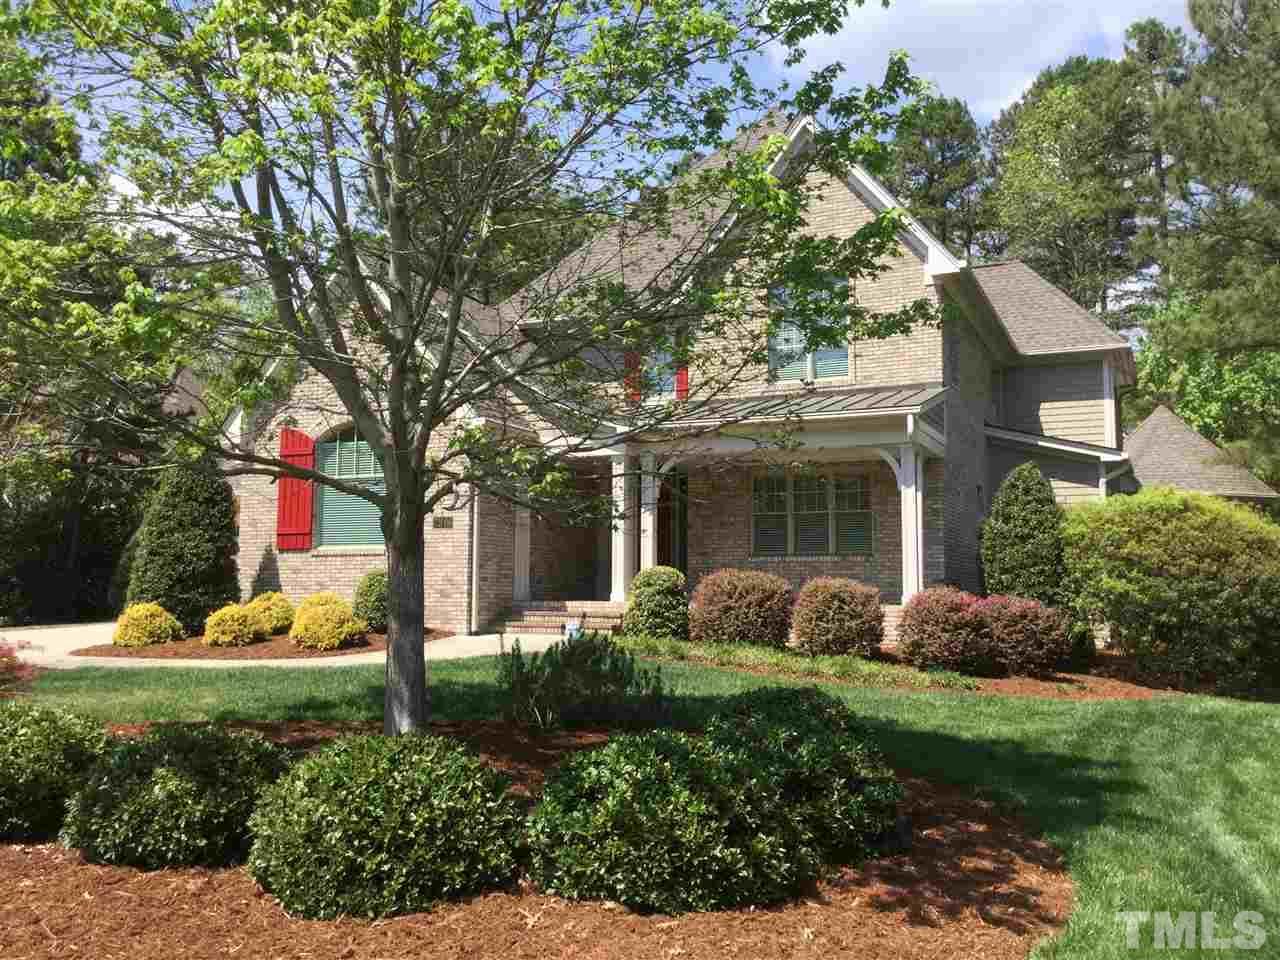 72006 Wilkinson, Chapel Hill, NC 27517